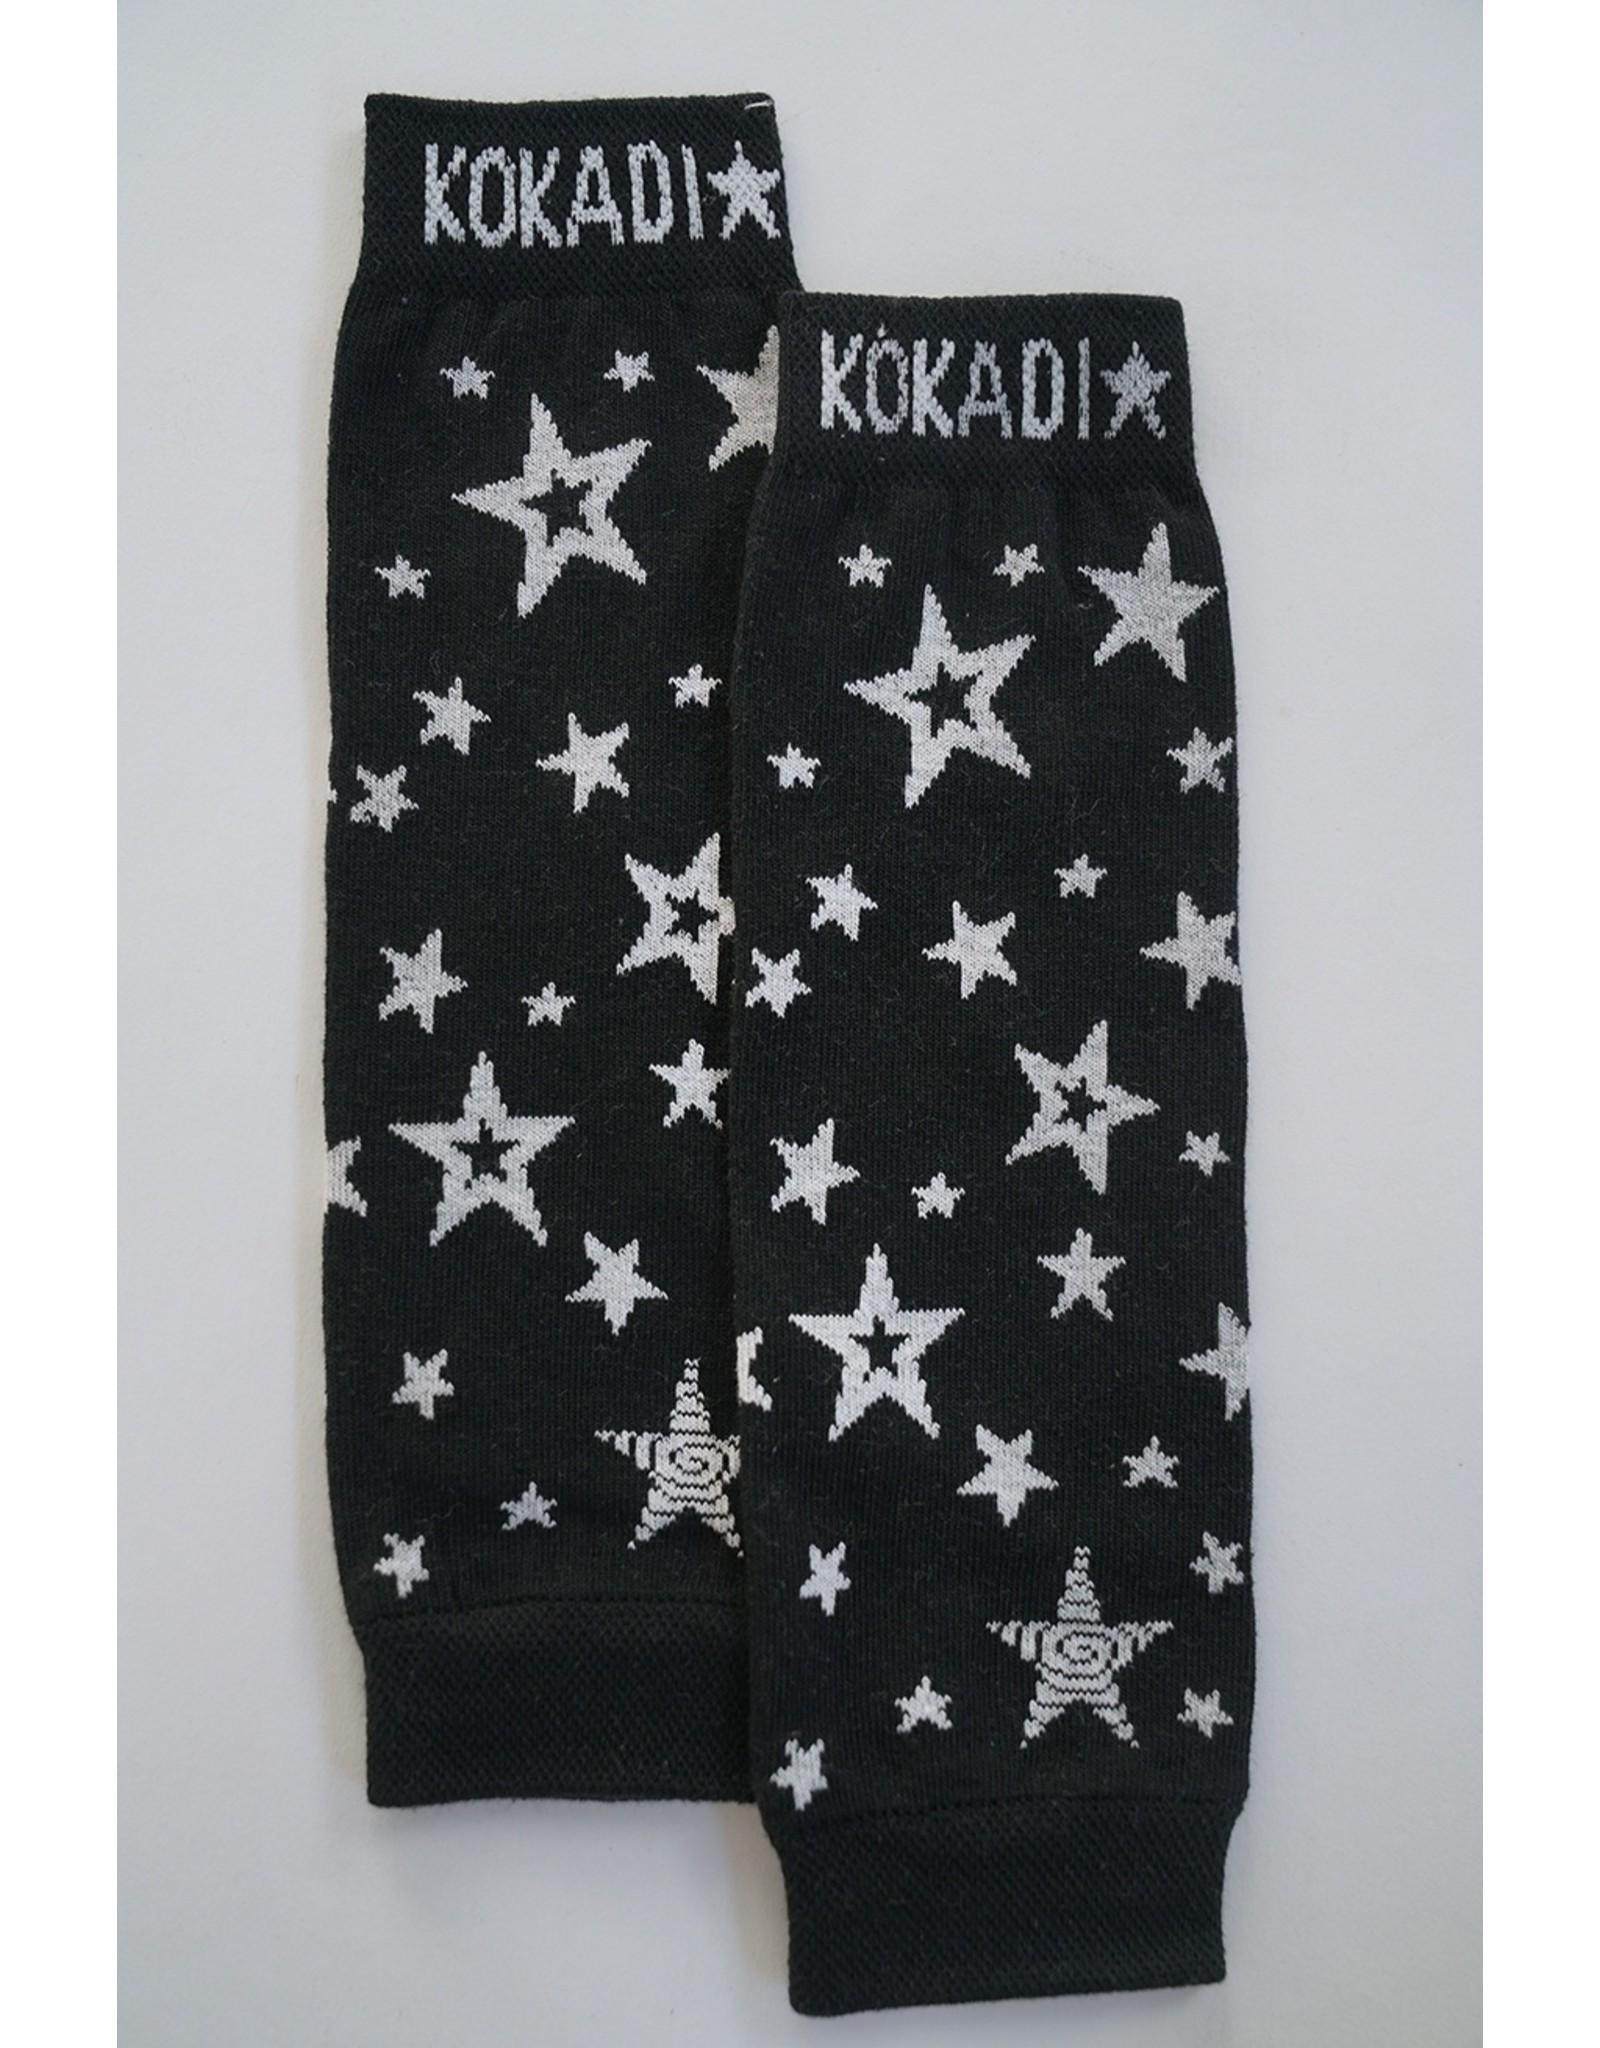 Kokadi Diorite Stars beenwarmers van Kokadi